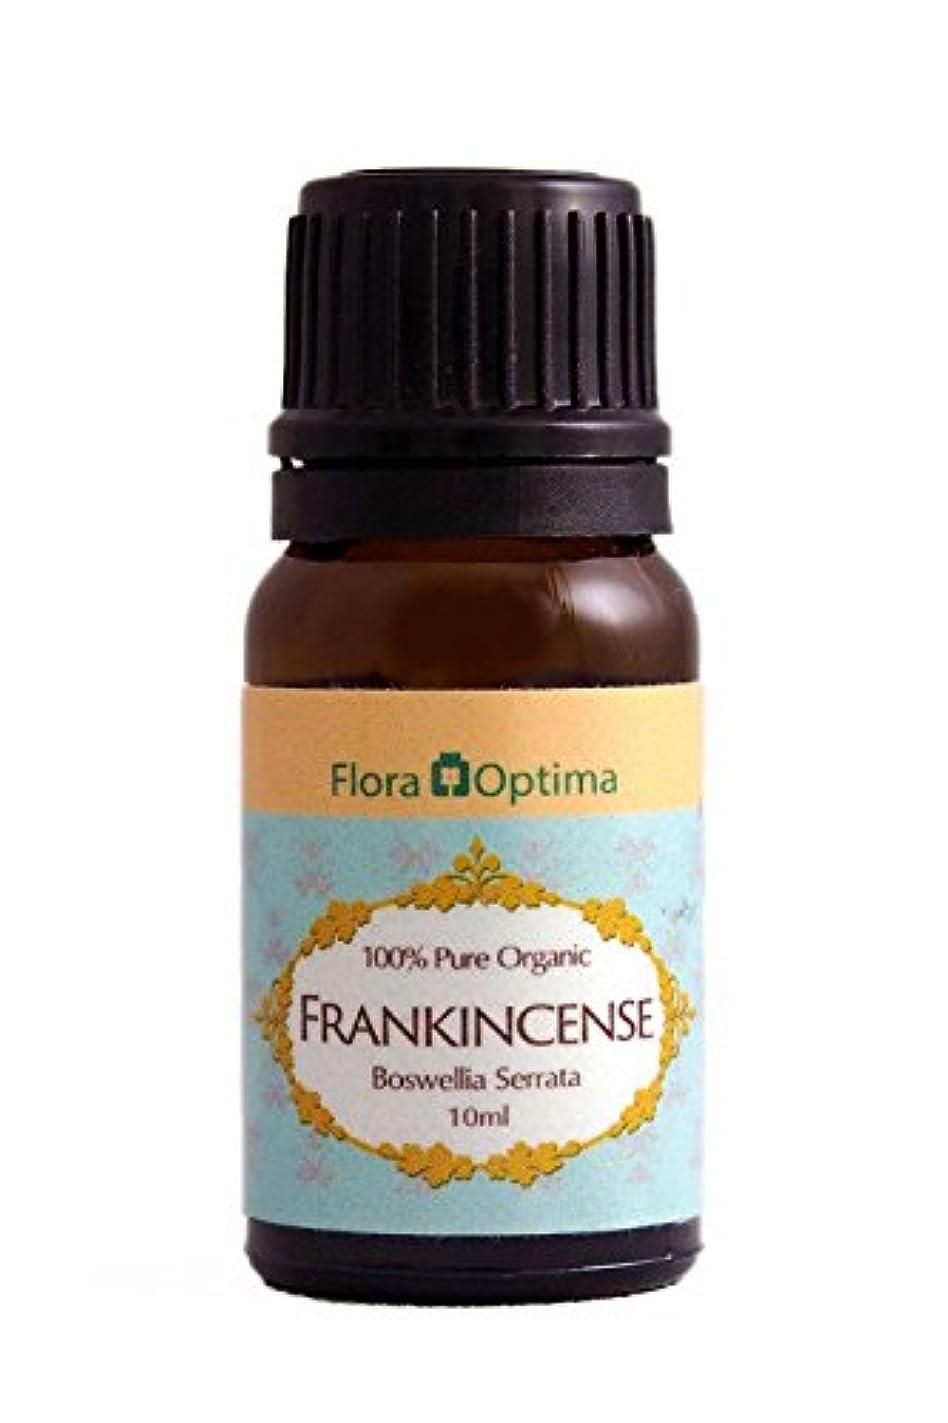 リフレッシュきらめきであることオーガニック?フランキンセンスオイル(Frankincense Oil) - 10ml -